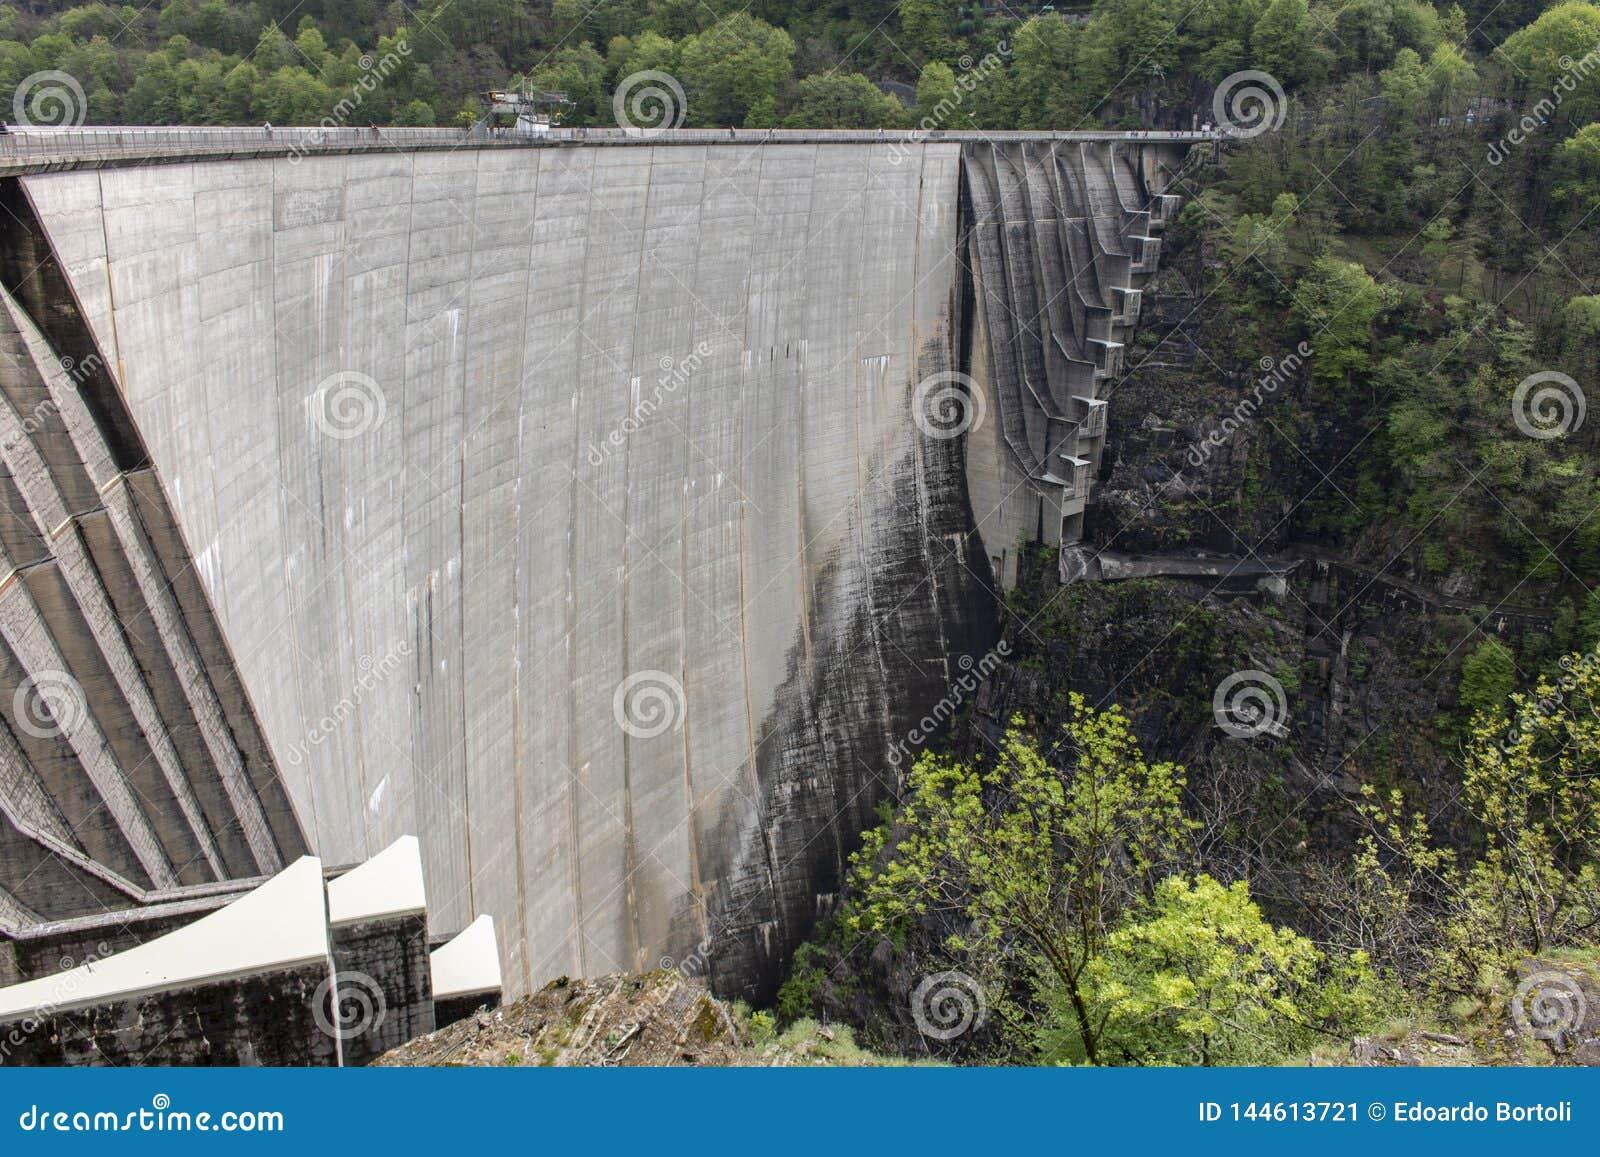 钢筋混凝土水坝